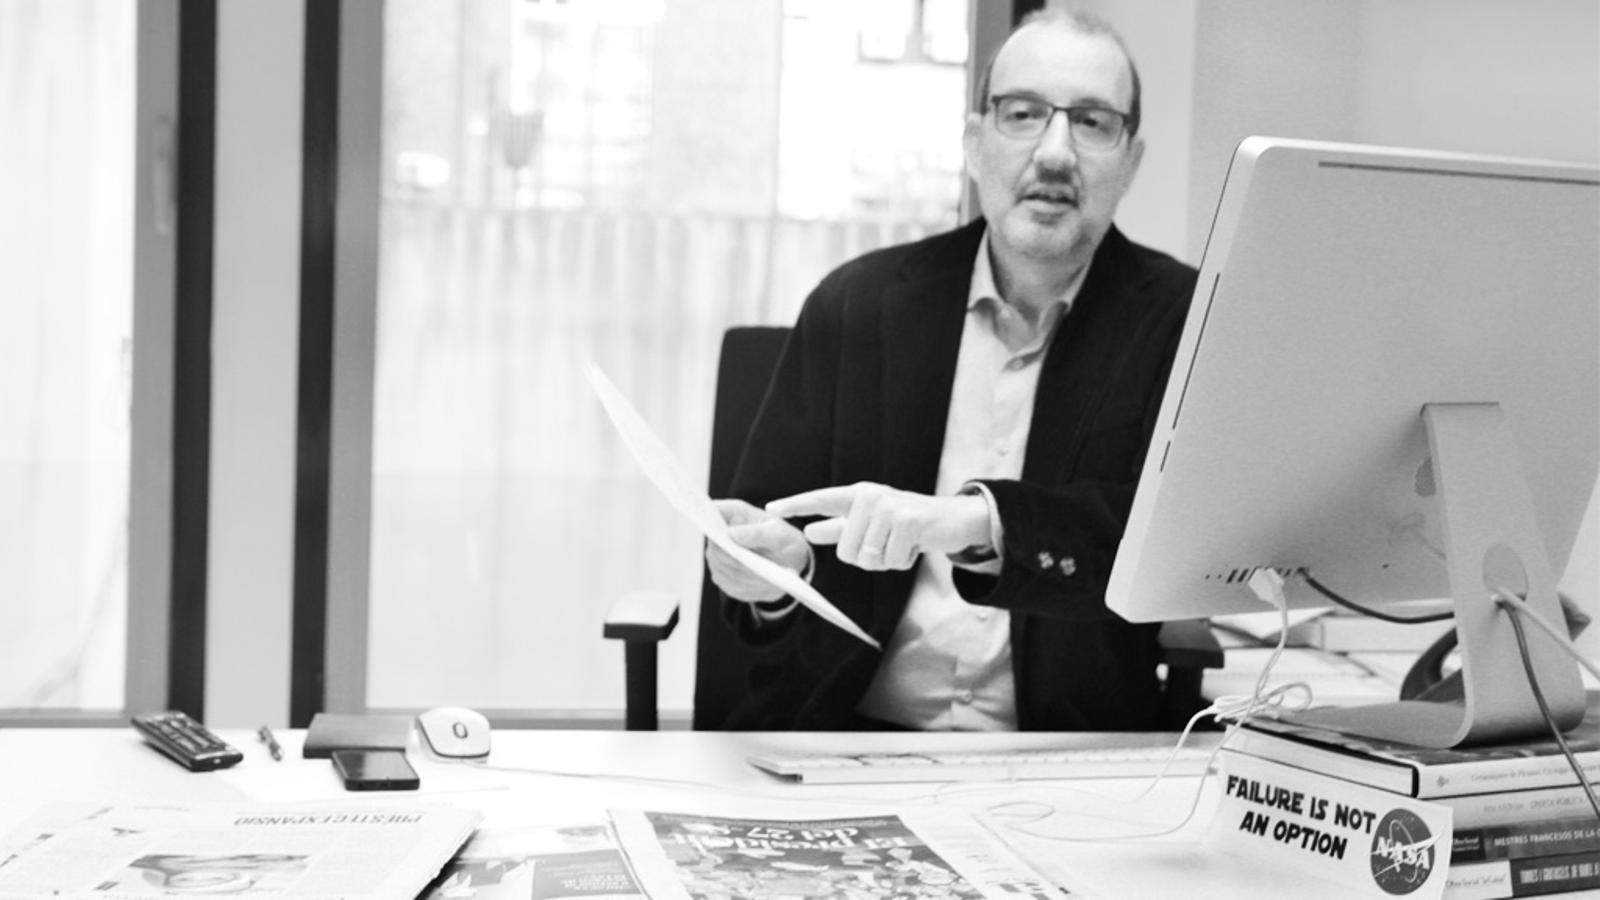 L'editorial d'Antoni Bassas: Sorpresa, emoció i la dura realitat (11/01/2016)